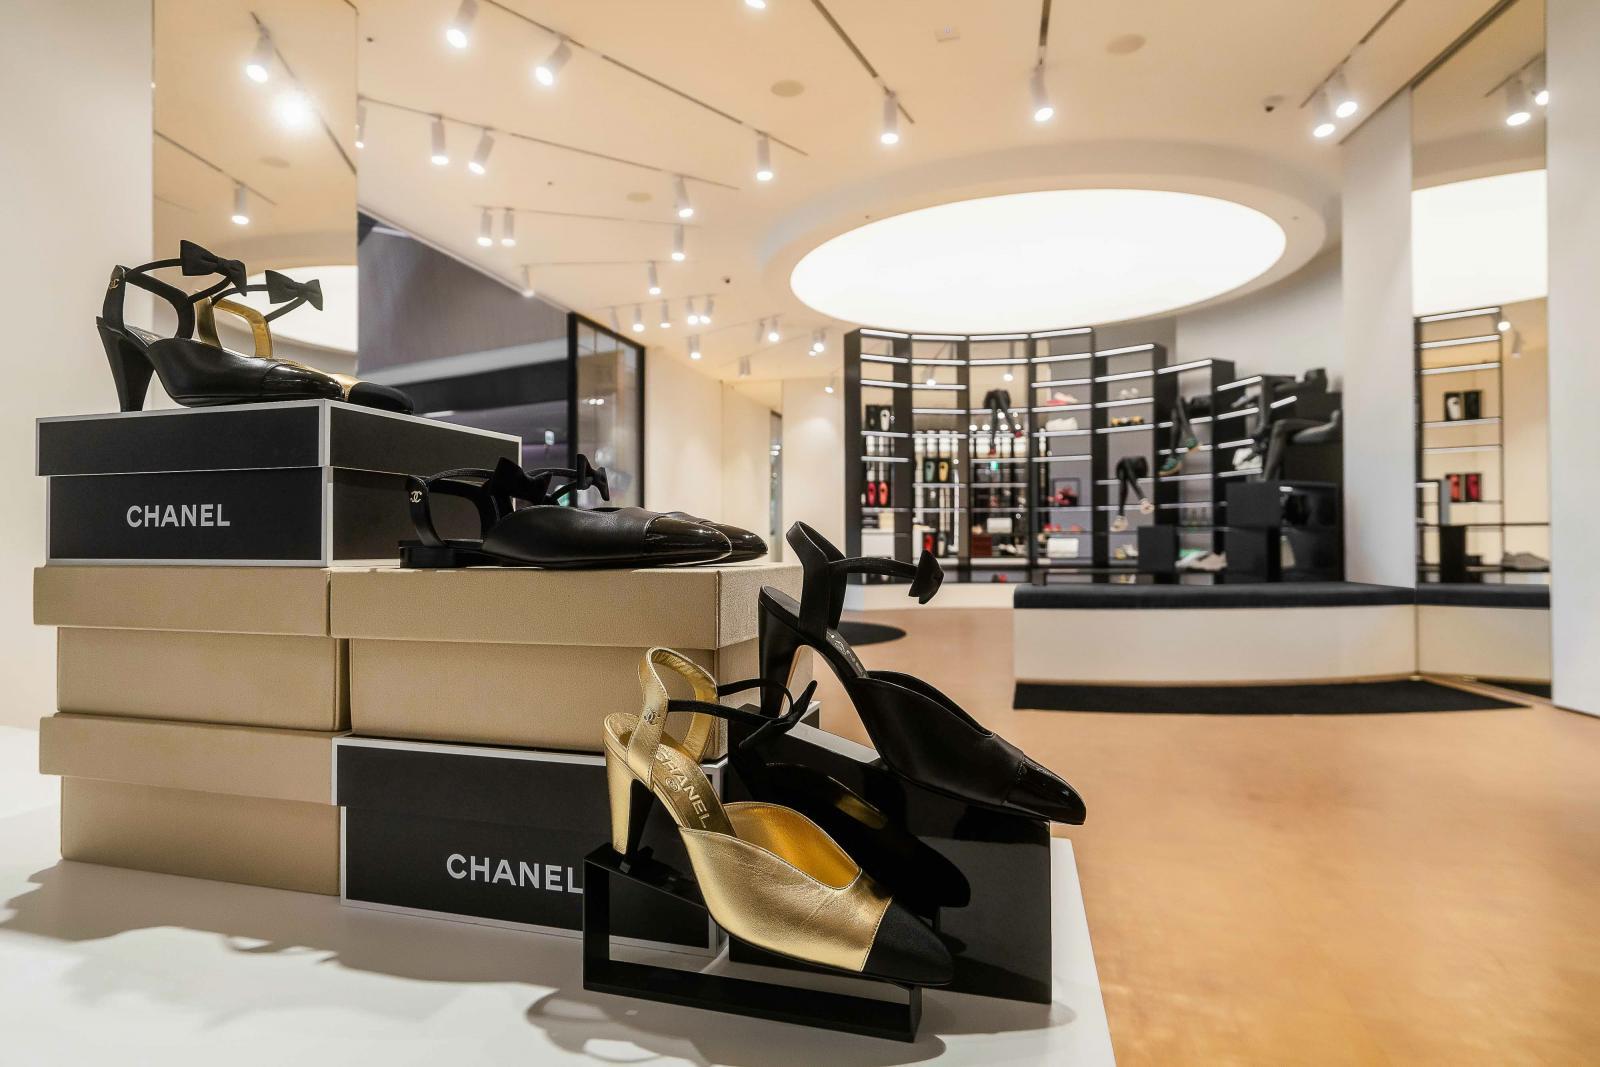 Chanel全球首間鞋店在台灣!還原巴黎康朋街鏡梯設計,灰姑娘終於找到歸屬地-1